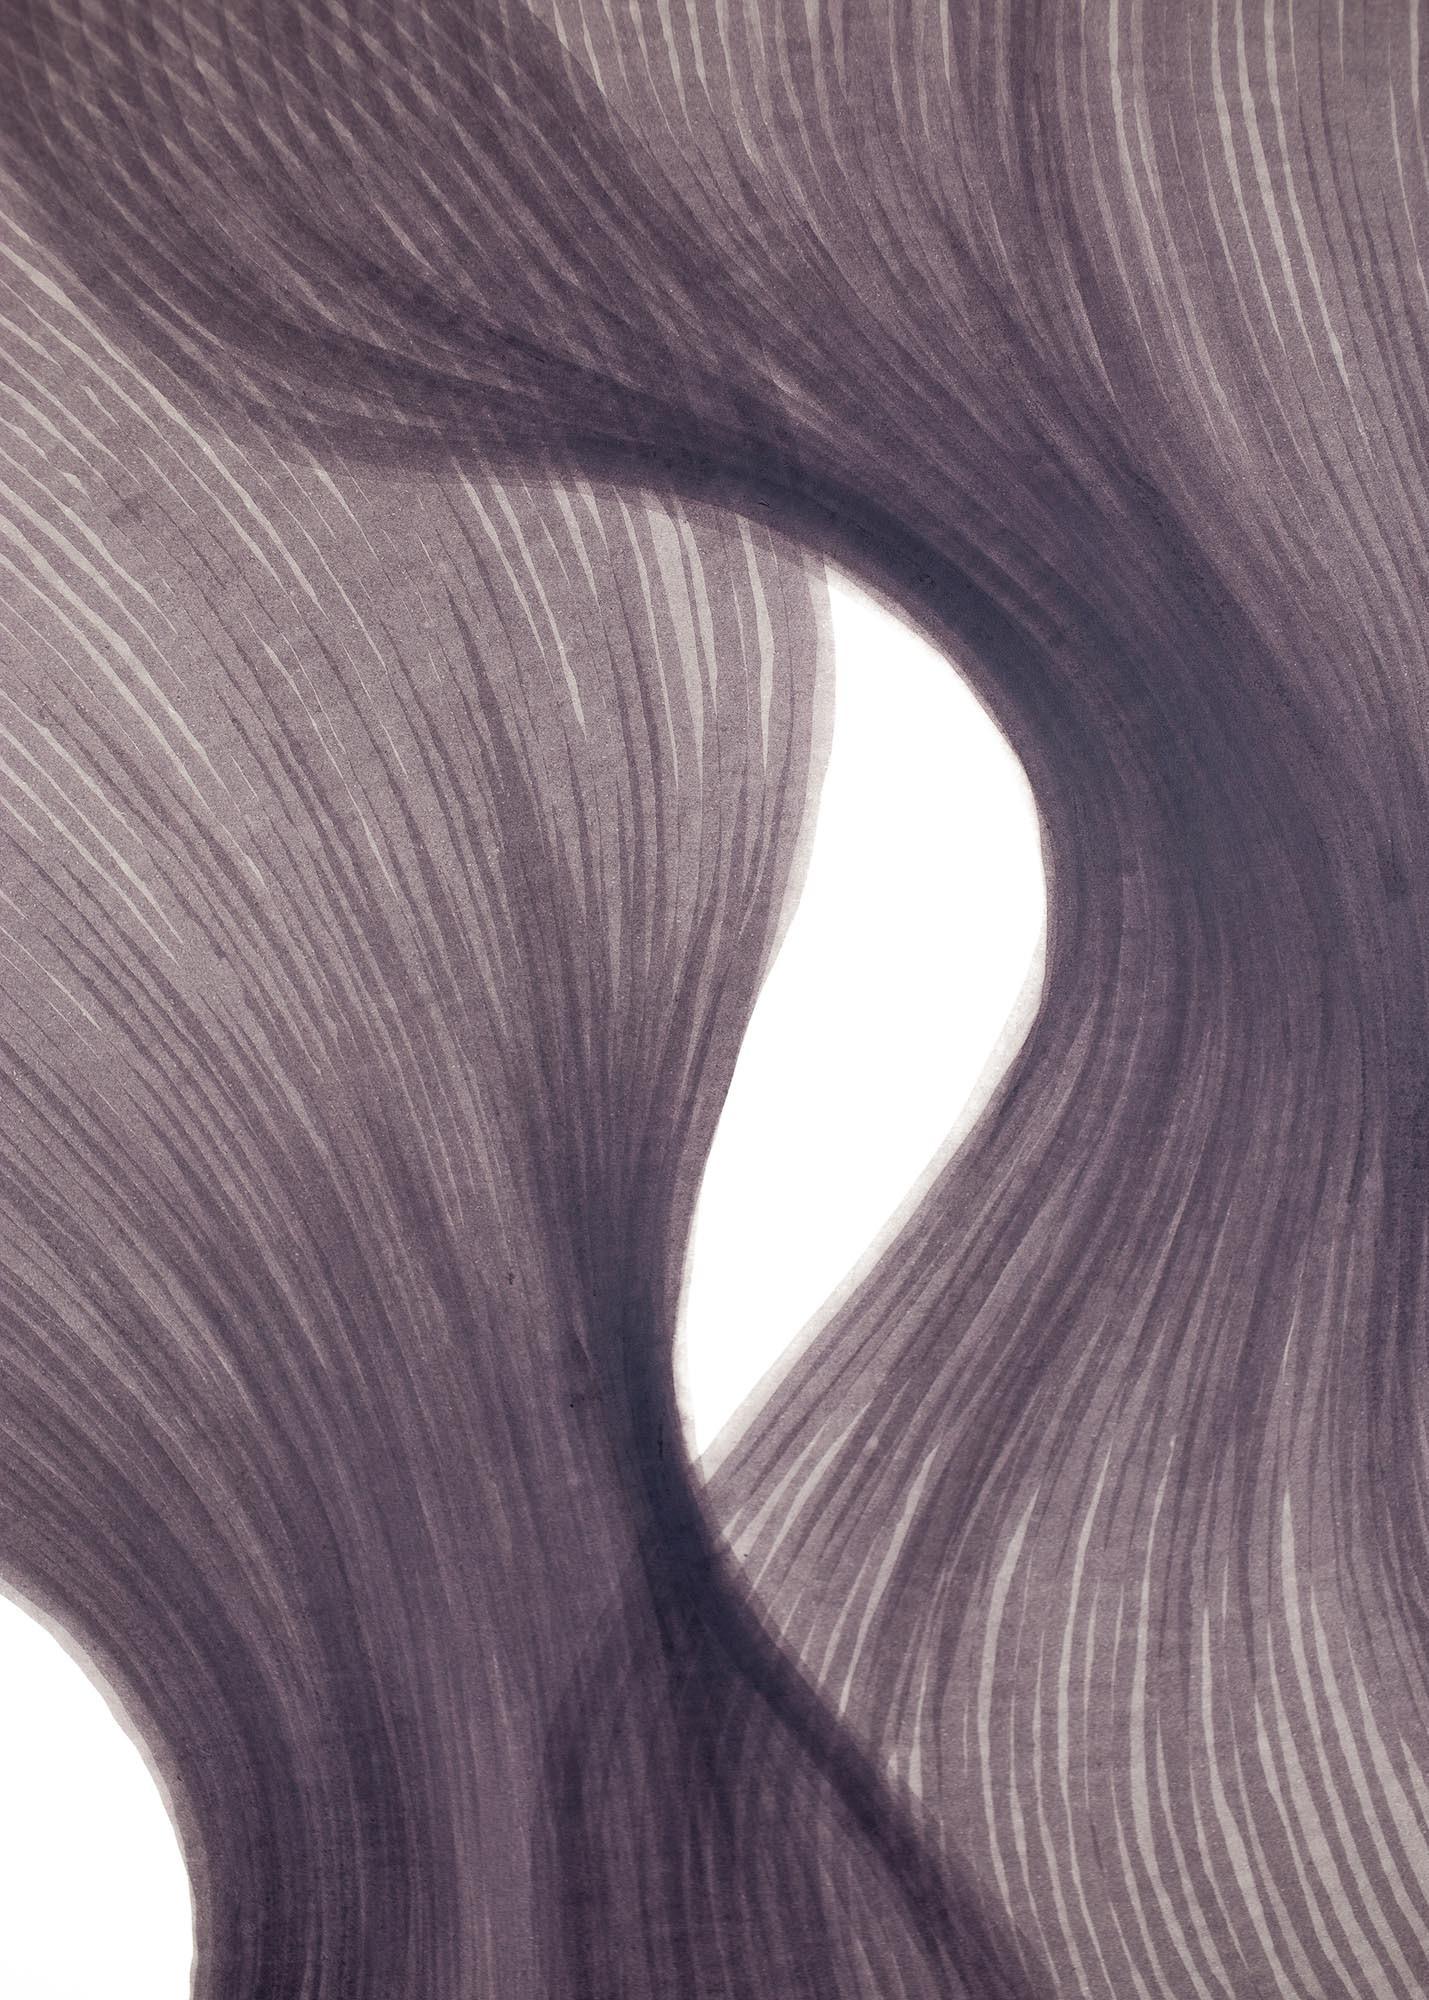 Smoky Lavender Sheer Folds | Lali Torma | Zeichnung | Kalligraphie-Tinte auf Papier - Detail